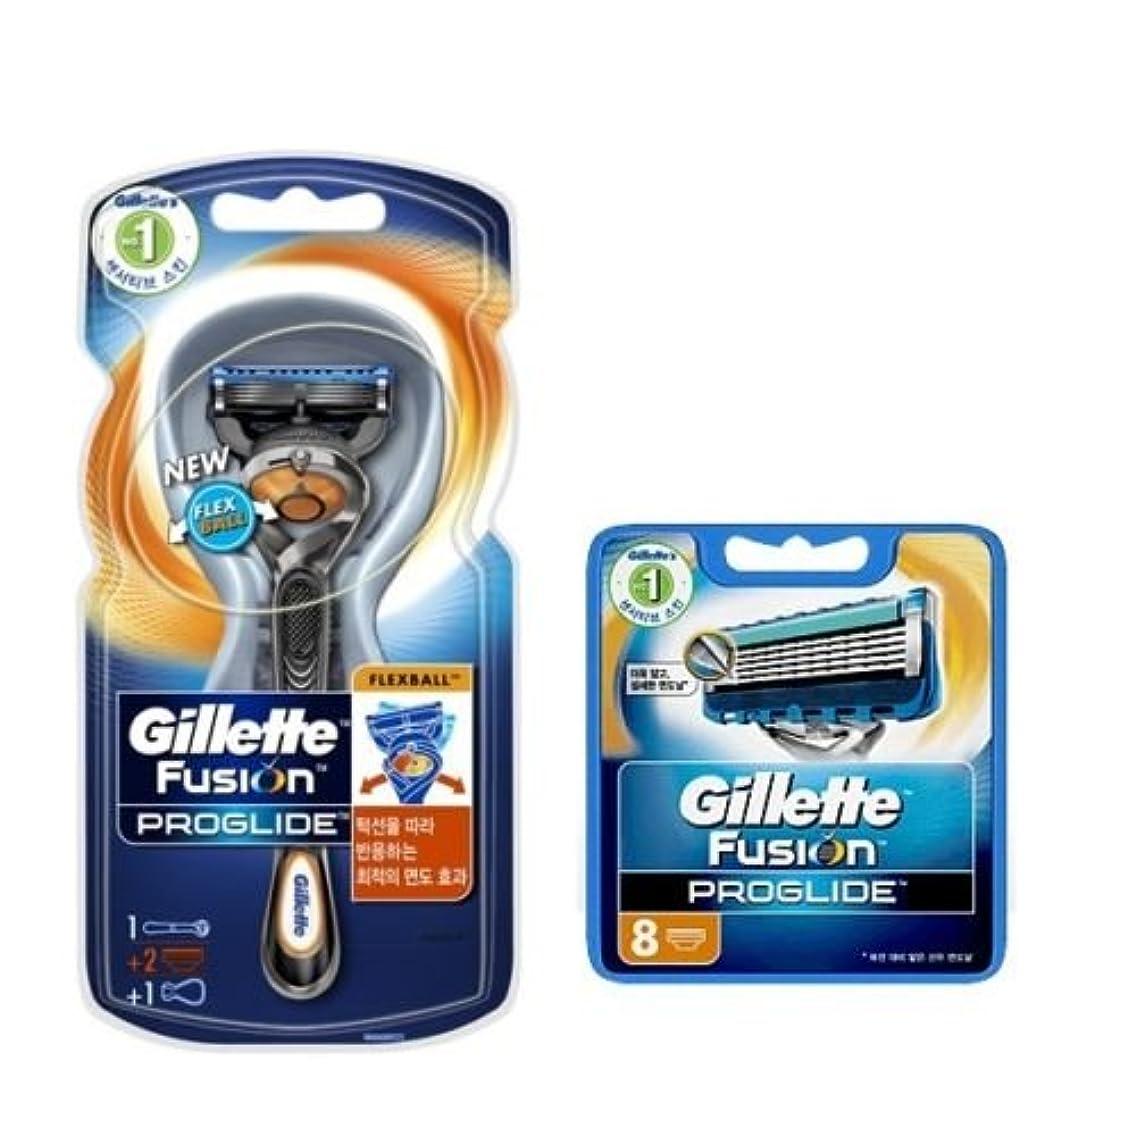 媒染剤よろめく赤外線Gillette Fusion Proglide Flexball Manual メンズ1剃刀10剃刀刃 [並行輸入品]